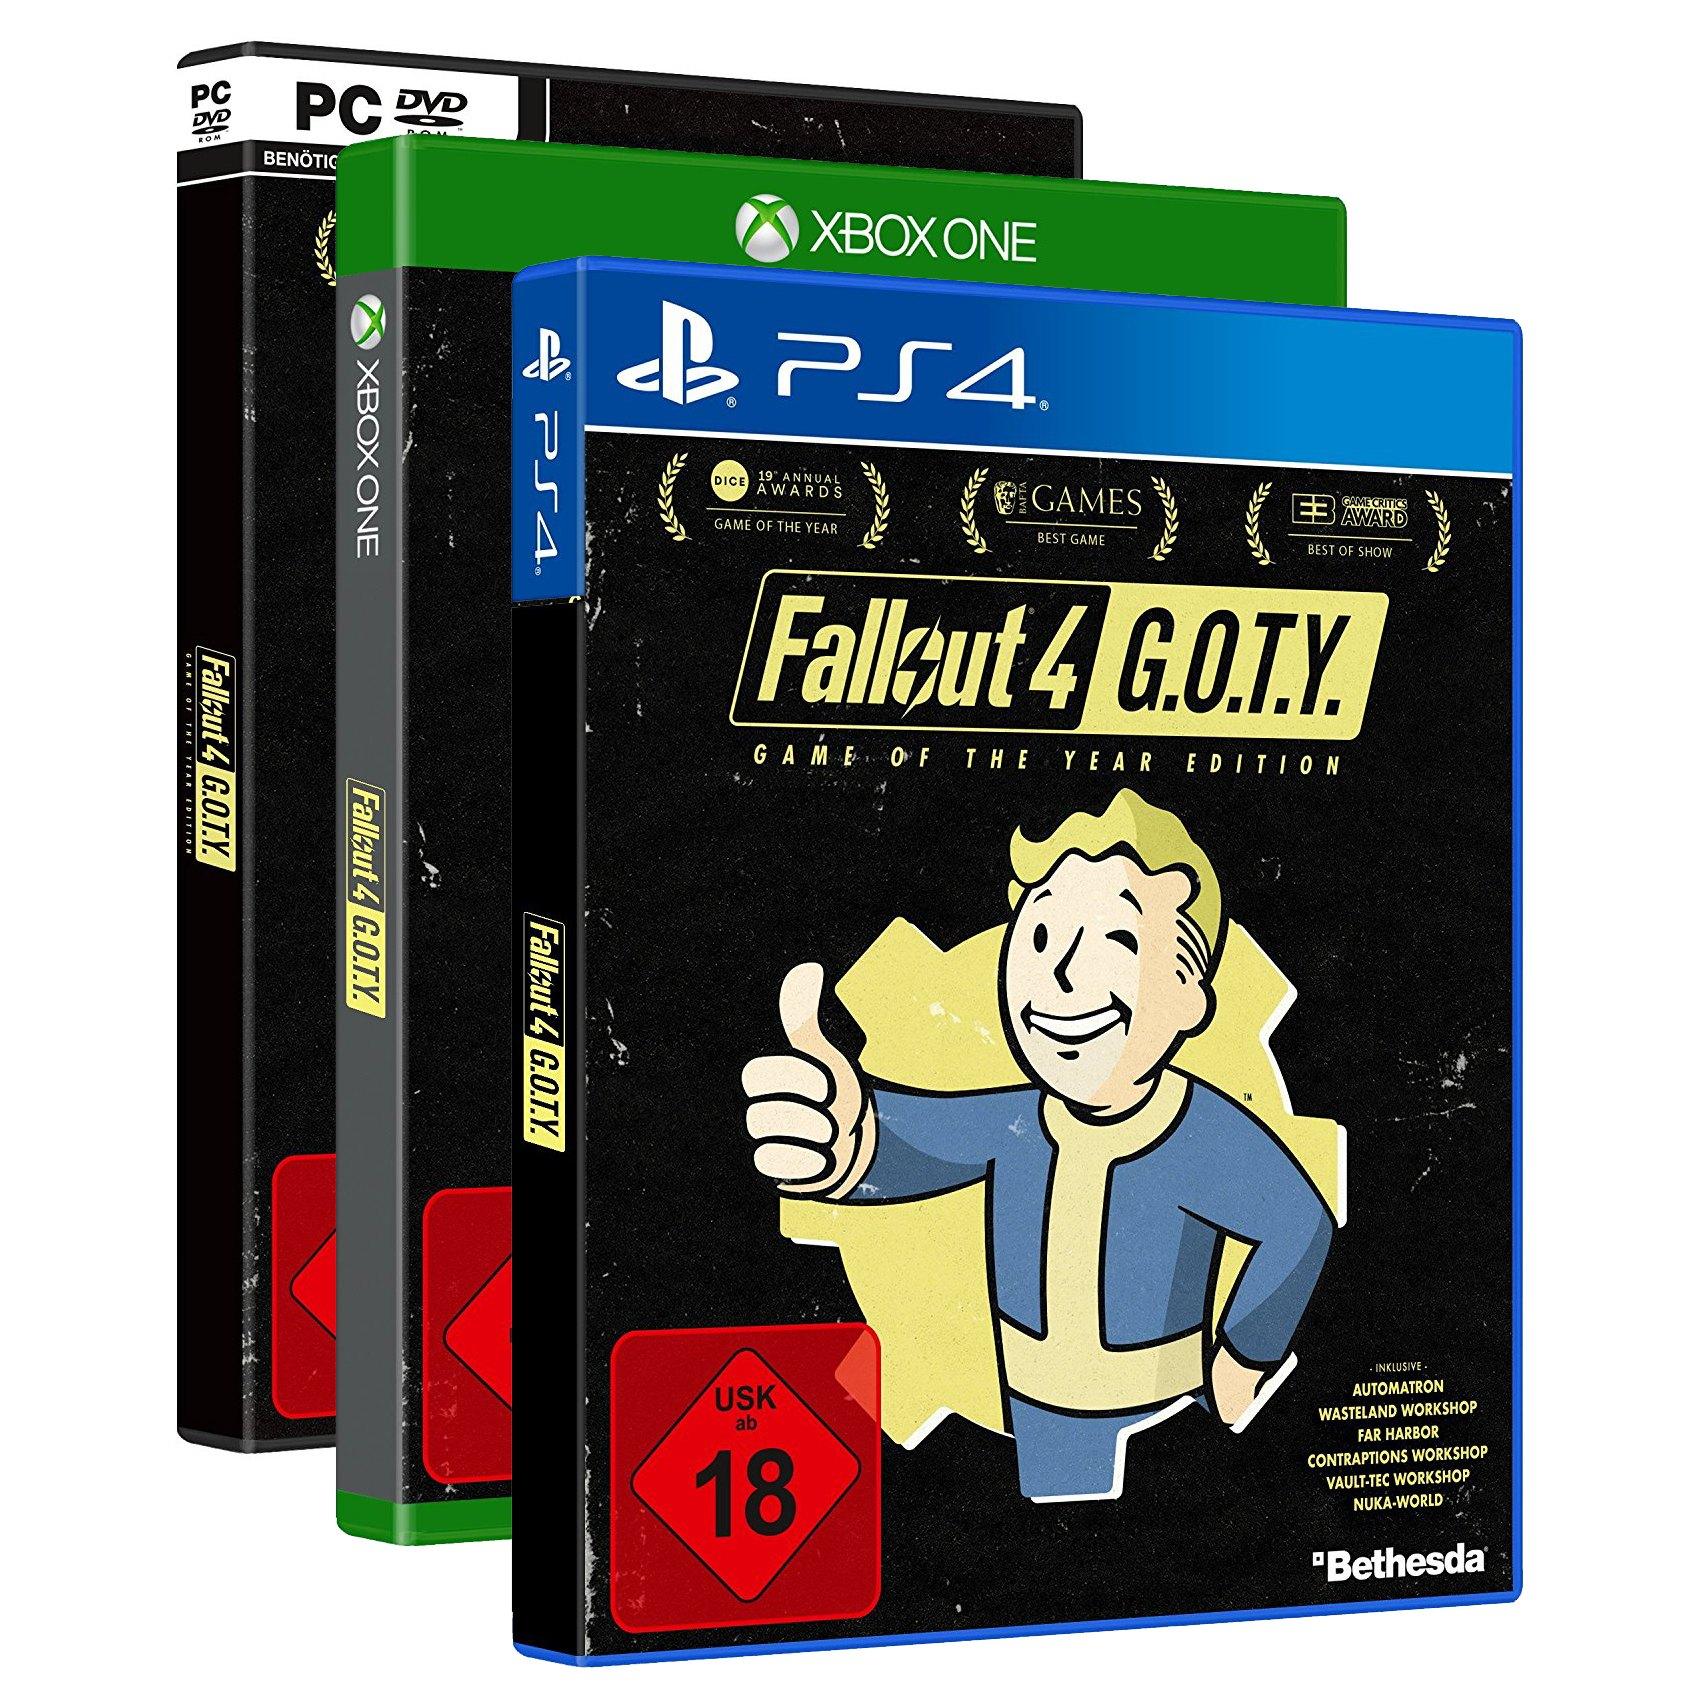 Fallout 4 Game of the Year Edition - Le Jeu + Season Pass PC à 15.92€ et sur PS4 et Xbox One à 19.42€